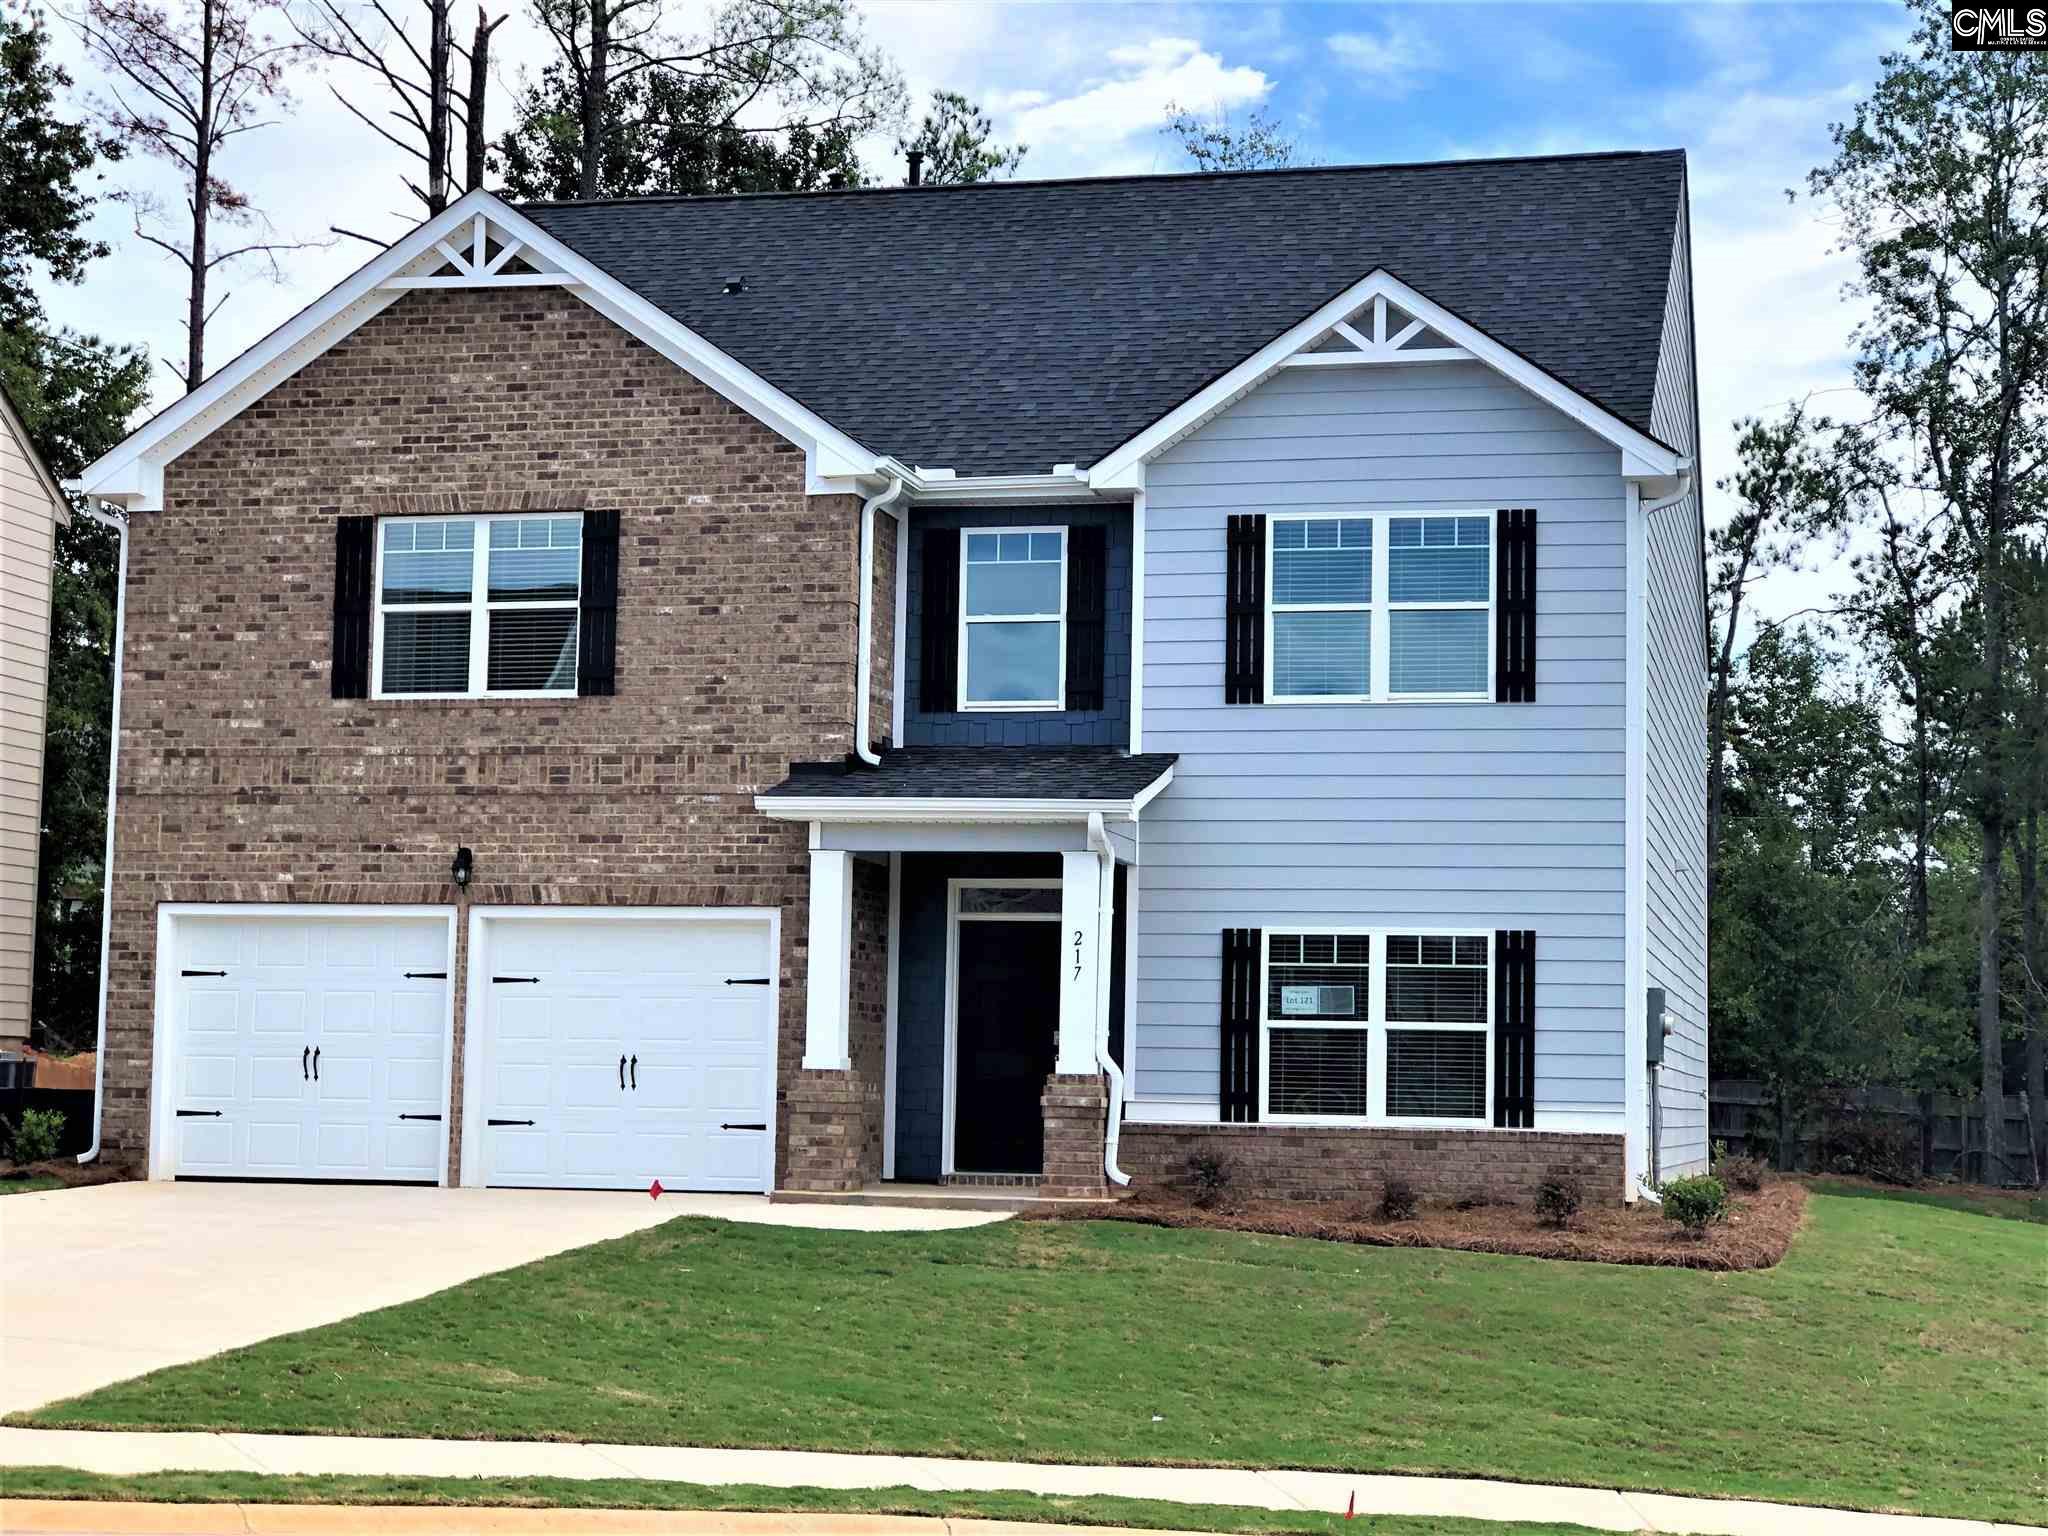 217 Village View Lexington, SC 29072